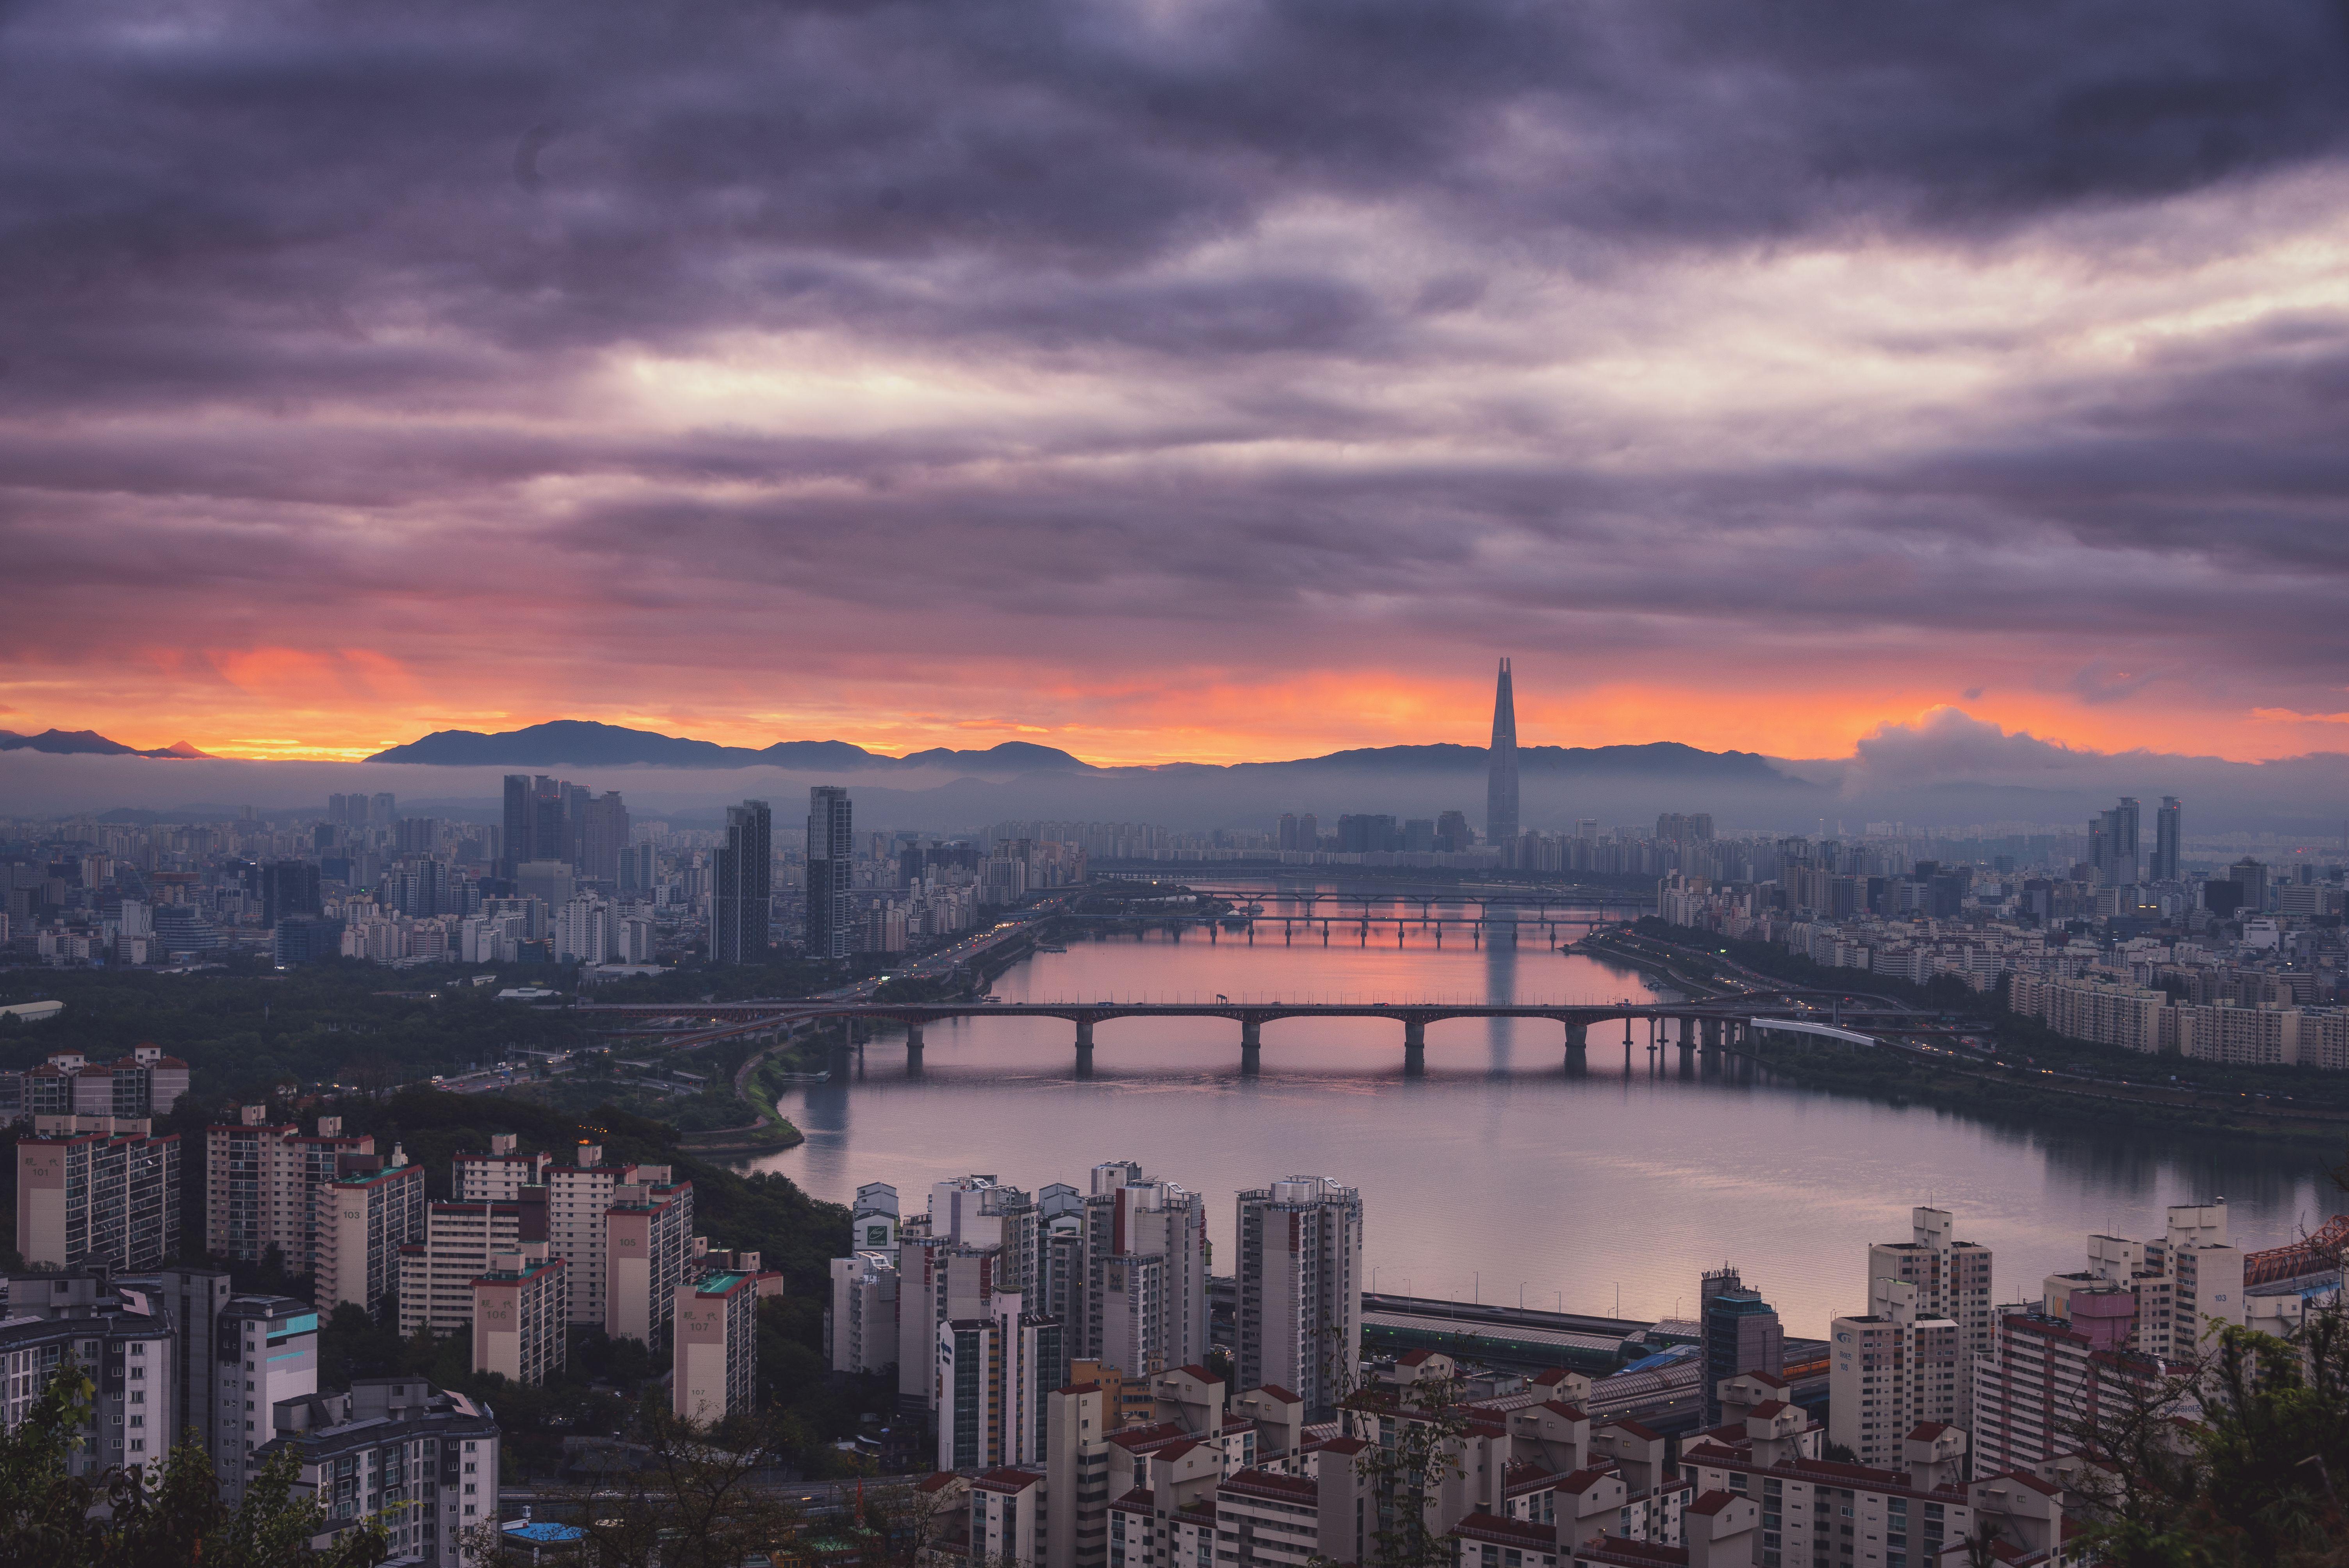 Morning Fog Over Han River Seoul South Korea 60164016